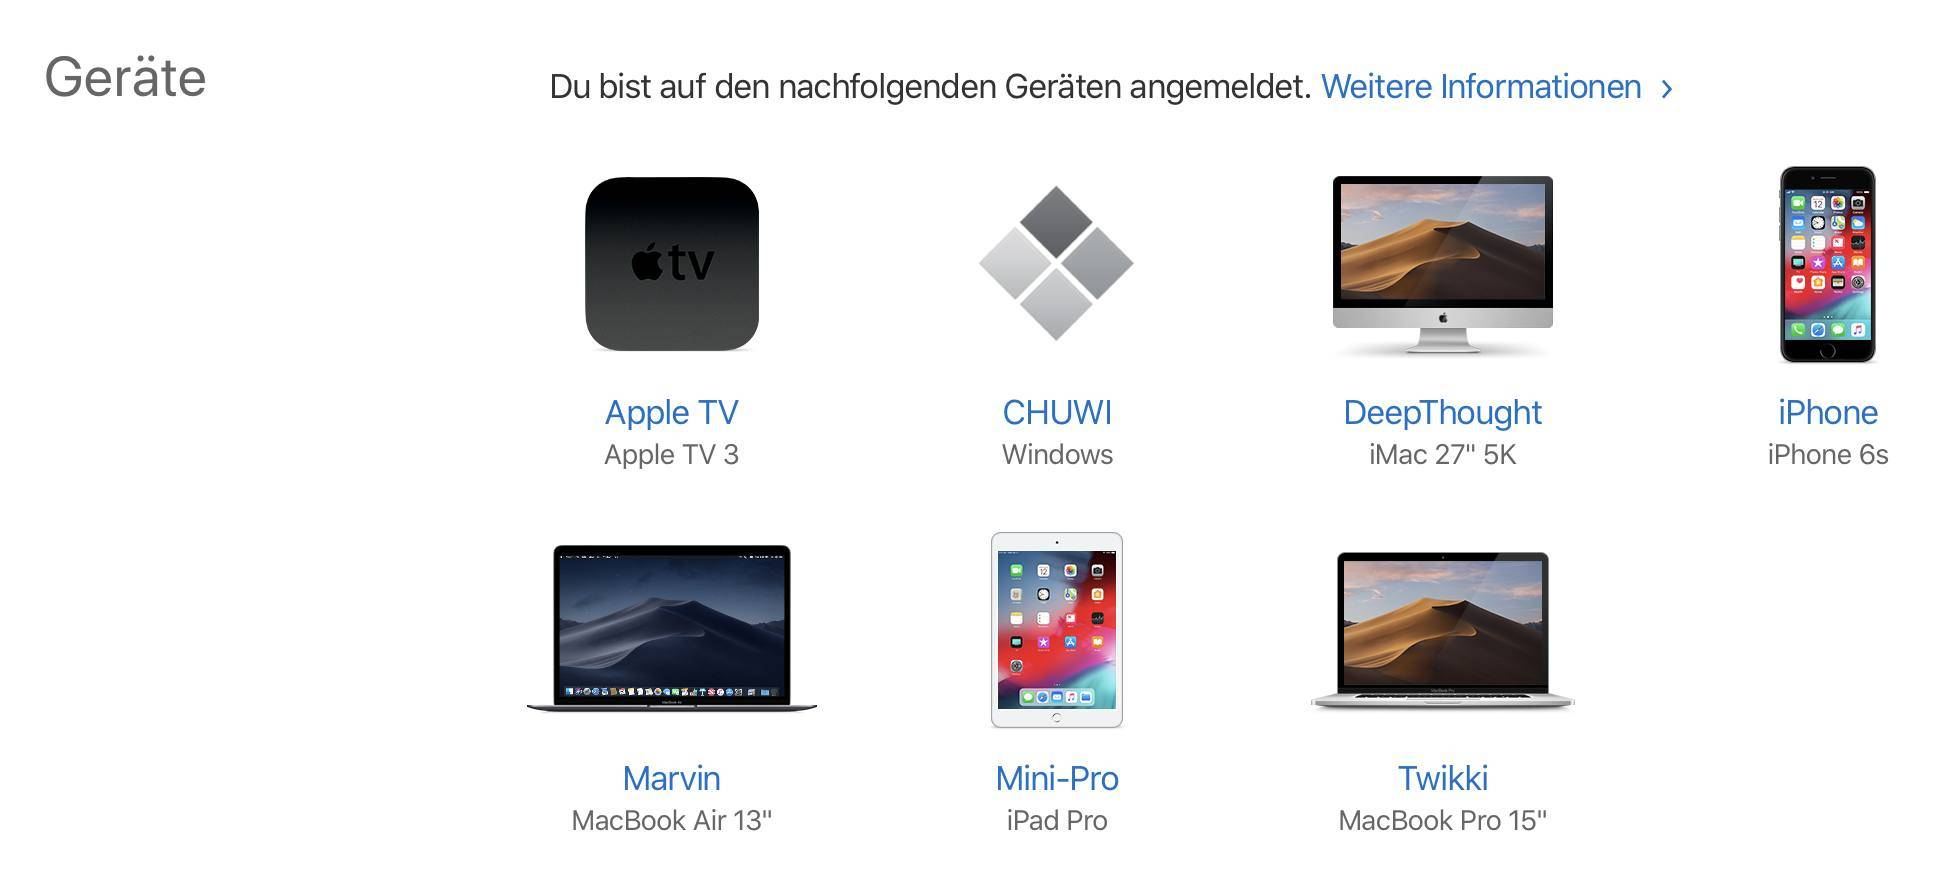 Ihr seht jetzt die Übersicht all Eurer Geräte, die mit der Apple-ID verbunden sind.